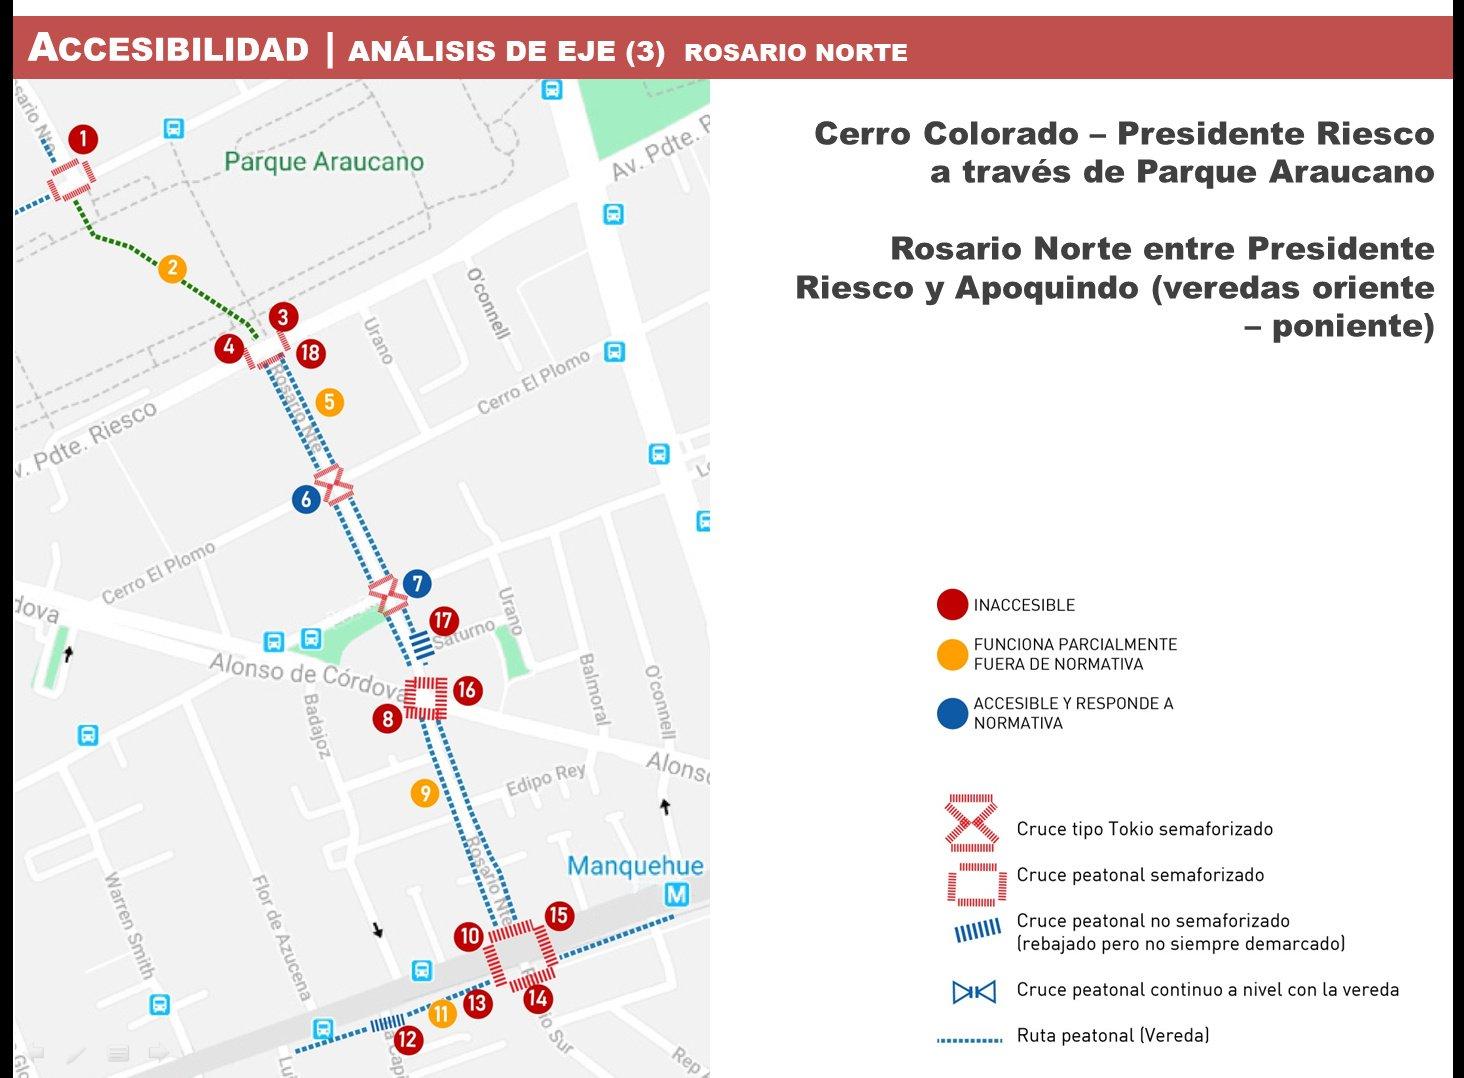 plano de una calle donde se grafican en puntos de colores las condiciones de accesibilidad de veredas, cruces y otros elementos